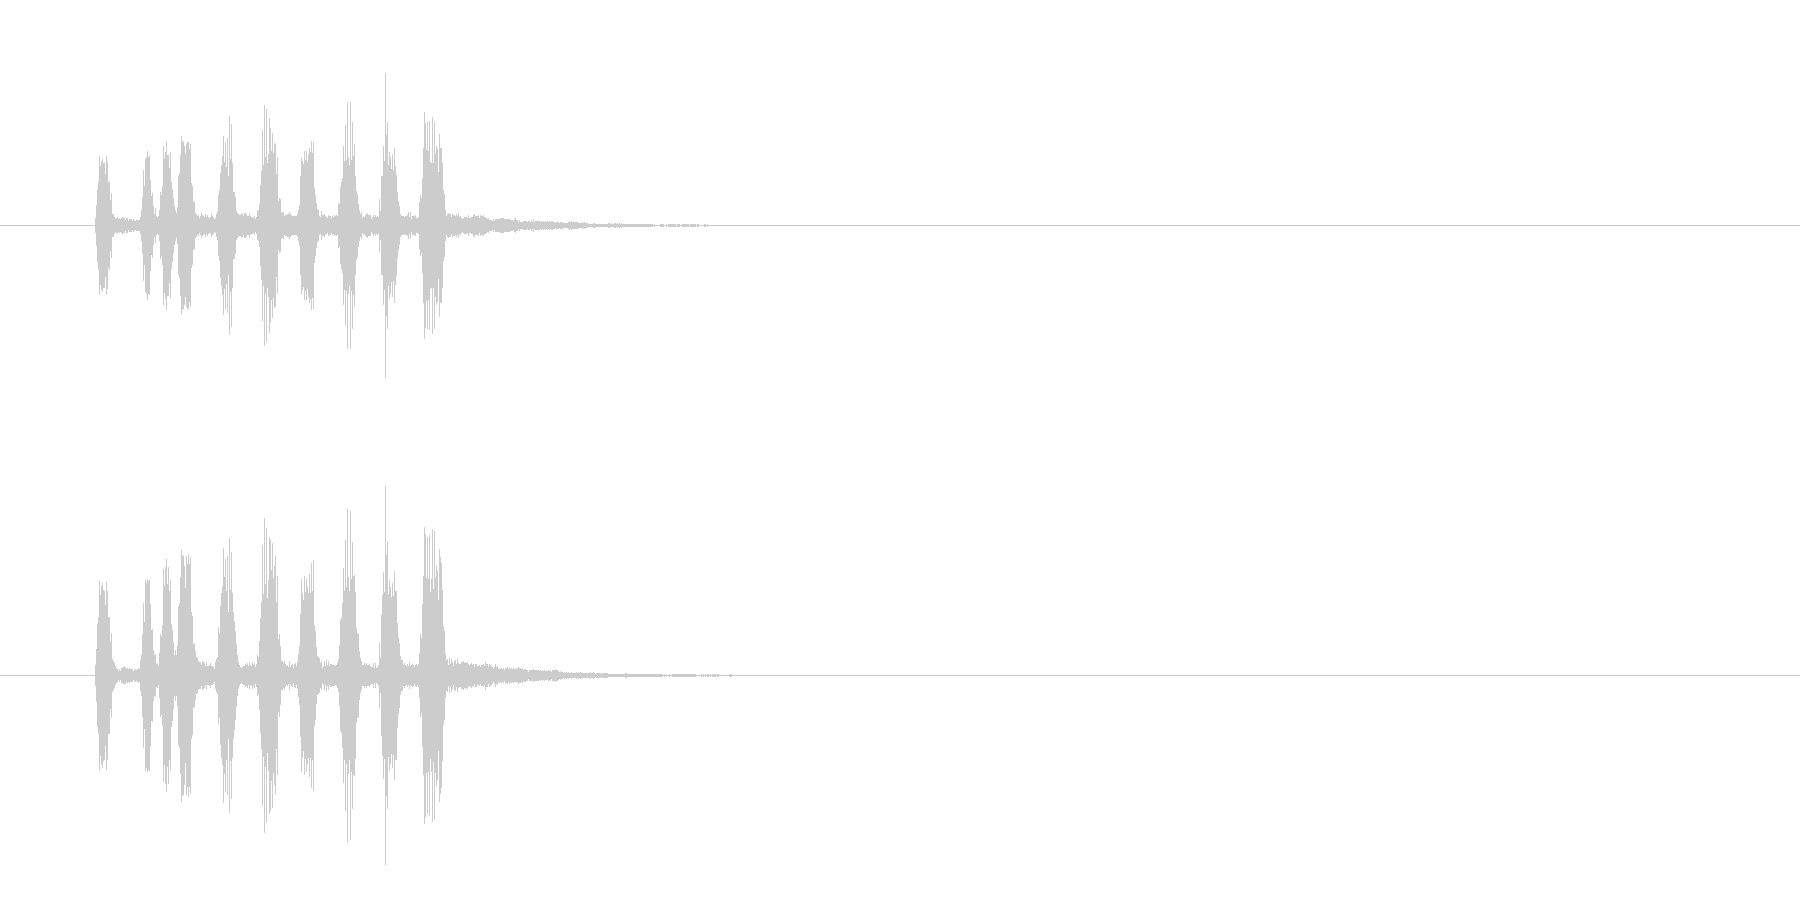 ジングル(ファンファーレ風)の未再生の波形